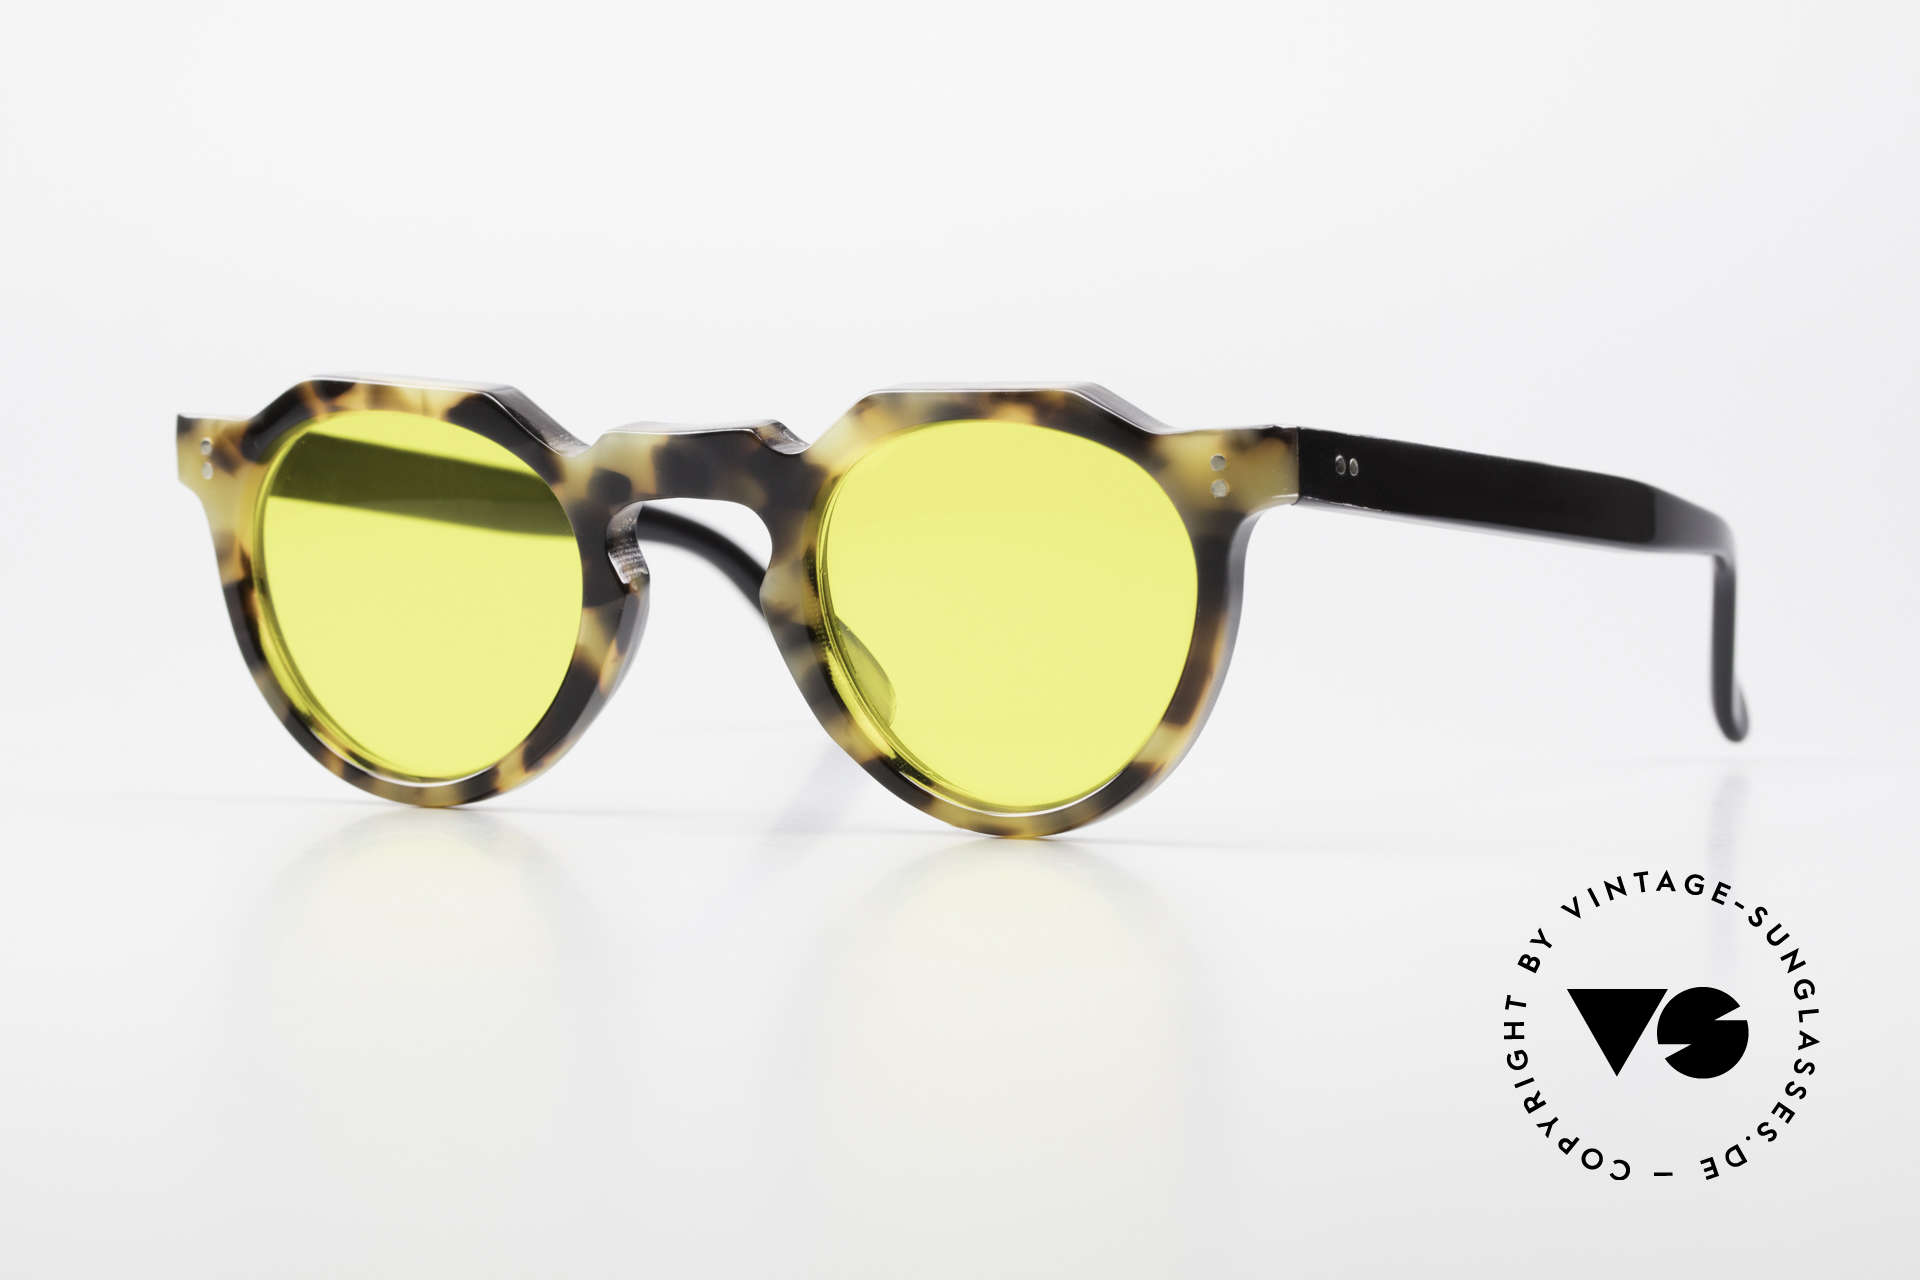 Lesca Panto 6mm 60er Panto Brille Frankreich, alte Lesca Sonnenbrille im Panto-Stil aus den 60ern, Passend für Herren und Damen